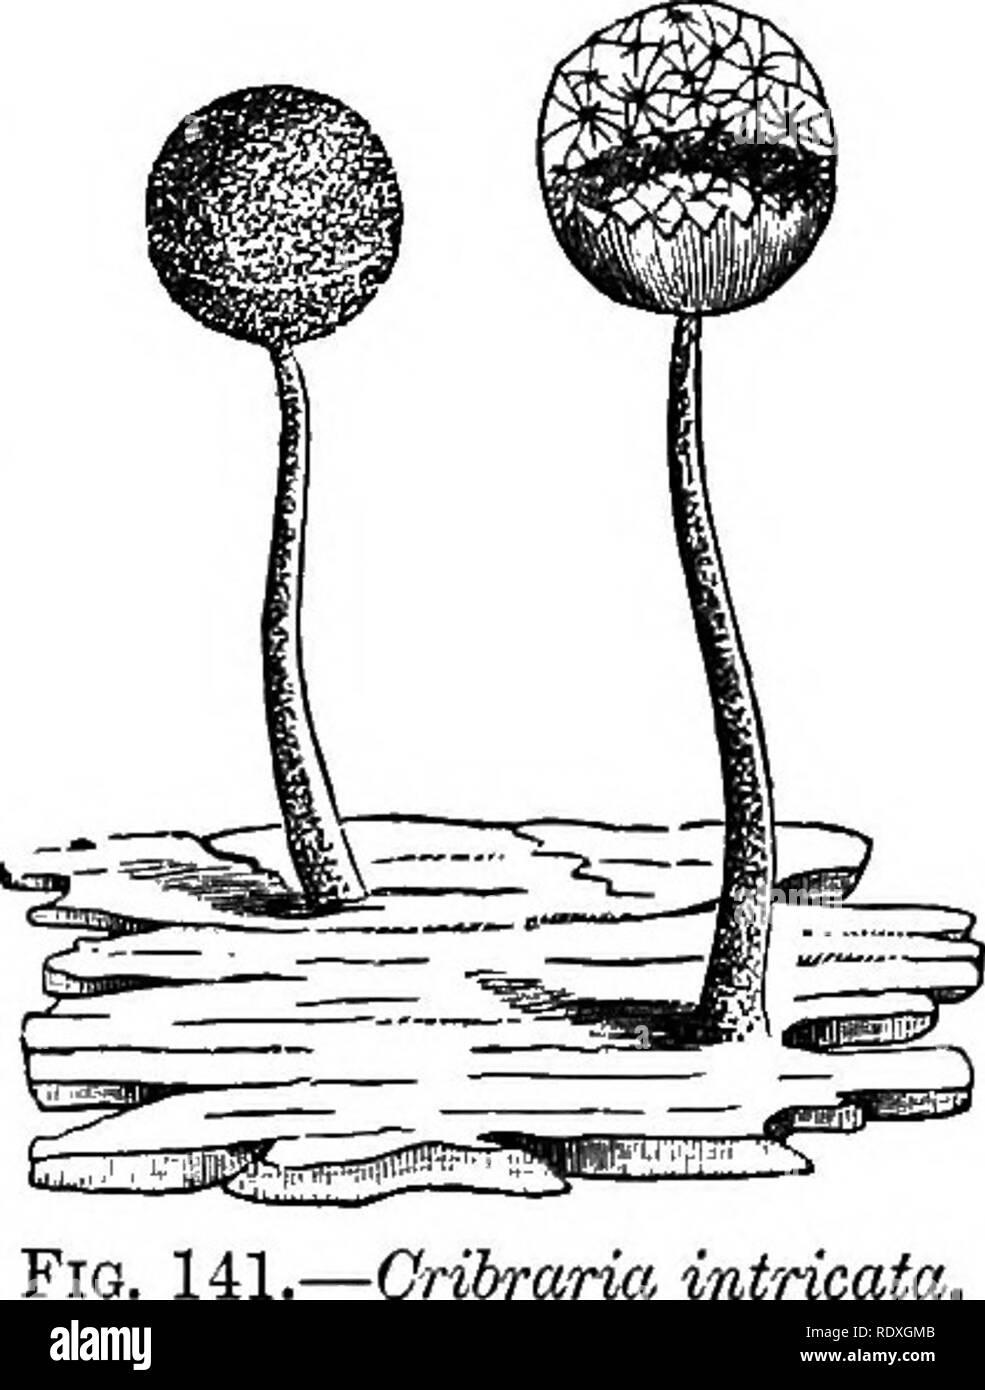 . Einführung in das Studium der Pilze; ihre organography, Klassifizierung und Verteilung, für die Verwendung von Sammlern. Pilze. Schleim PILZE - MYXOMYCETEN 313 Klassifizierung, die für diese einzigartige Organismen angenommen wurde, hat die Zeichen, für die von der endgültigen und reproduktive Zustand abgeleitet werden. Die erste der vier Aufträge, in die die gesamte Gruppe aufgeteilt ist, ist der Peritrichiaceae, in dem die Mauer der sporangium nicht Verkrustet ist mit Kalk, und das capillitium ist entweder nicht vorhanden oder aus der Wand des sporangium gebildet. Diese Reihenfolge ist wieder in zwei unteraufträge - unterteilt. Stockfoto